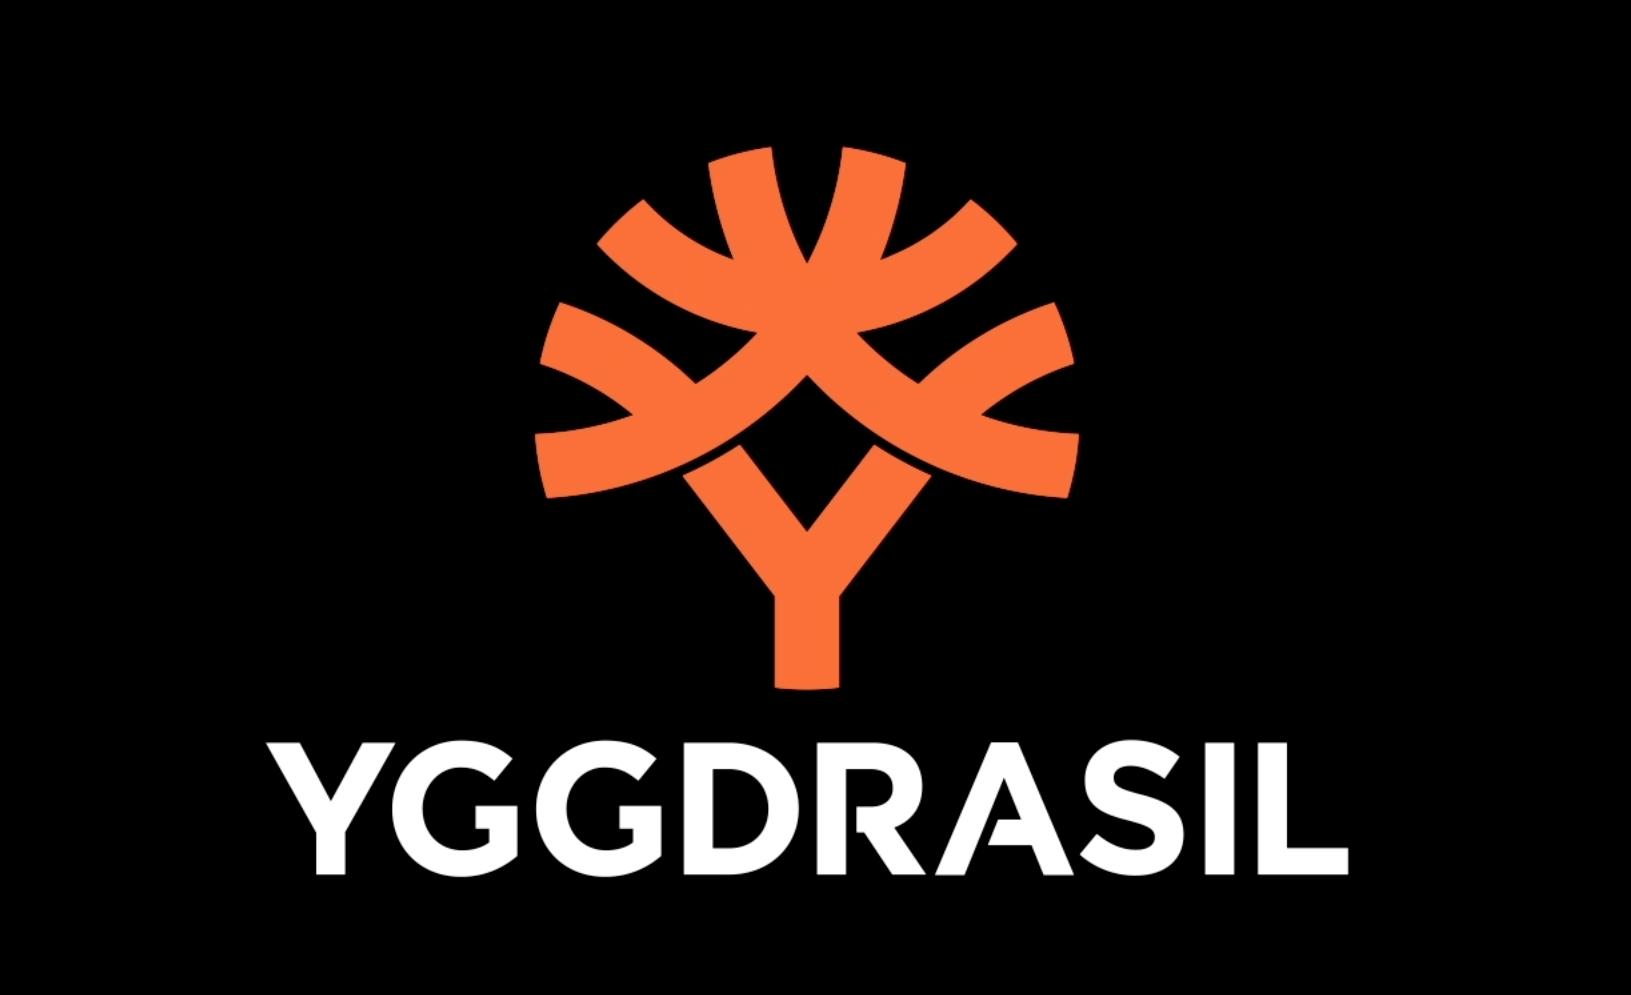 yggrasil logo